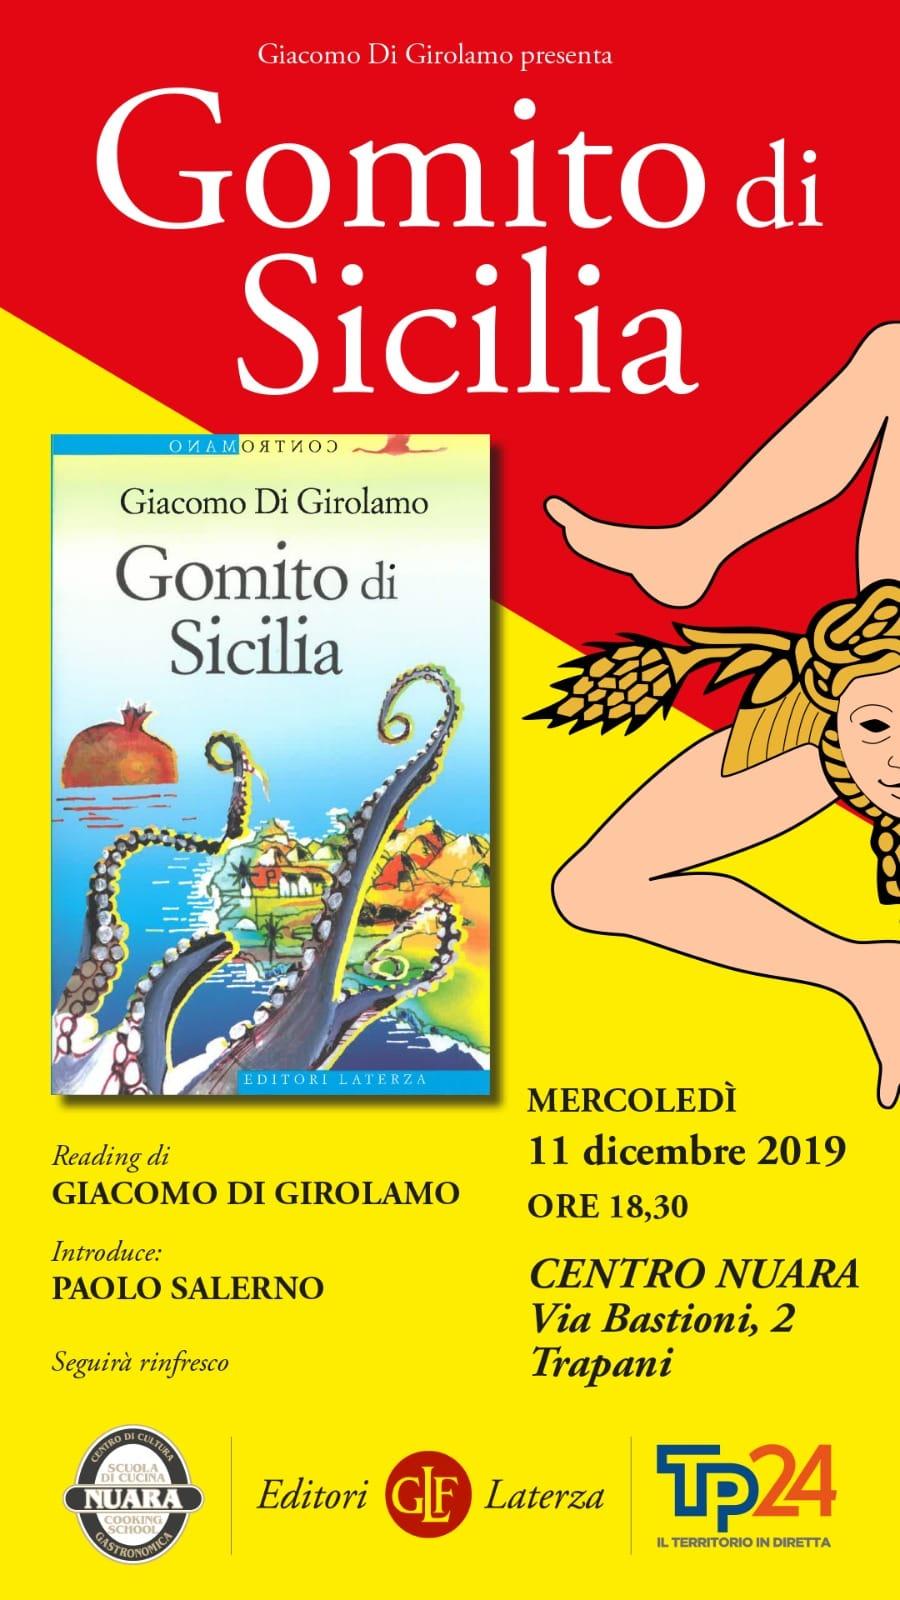 Presentazione del libro Gomito di Sicilia di Giacomo di Girolamo